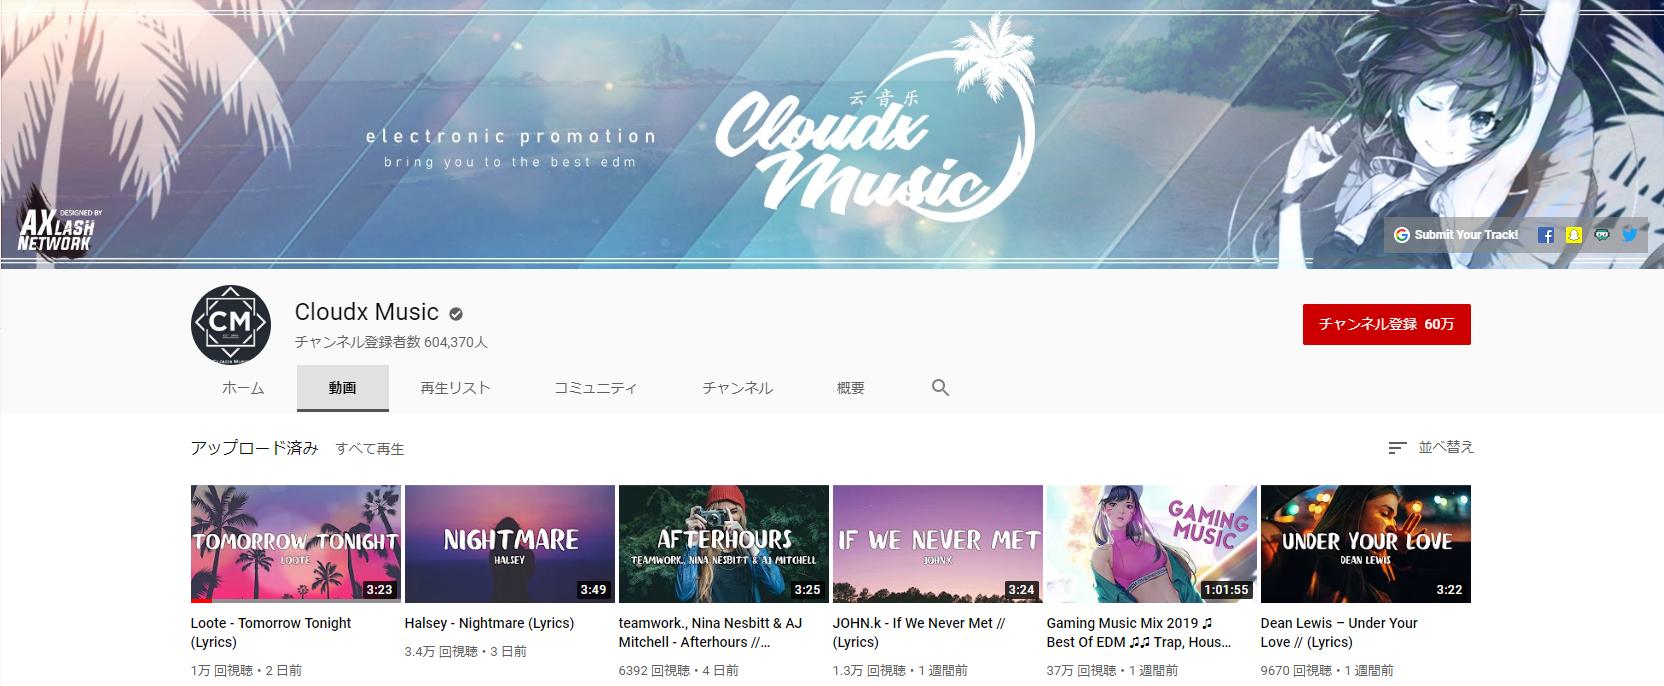 チャンネル-Cloudx Music